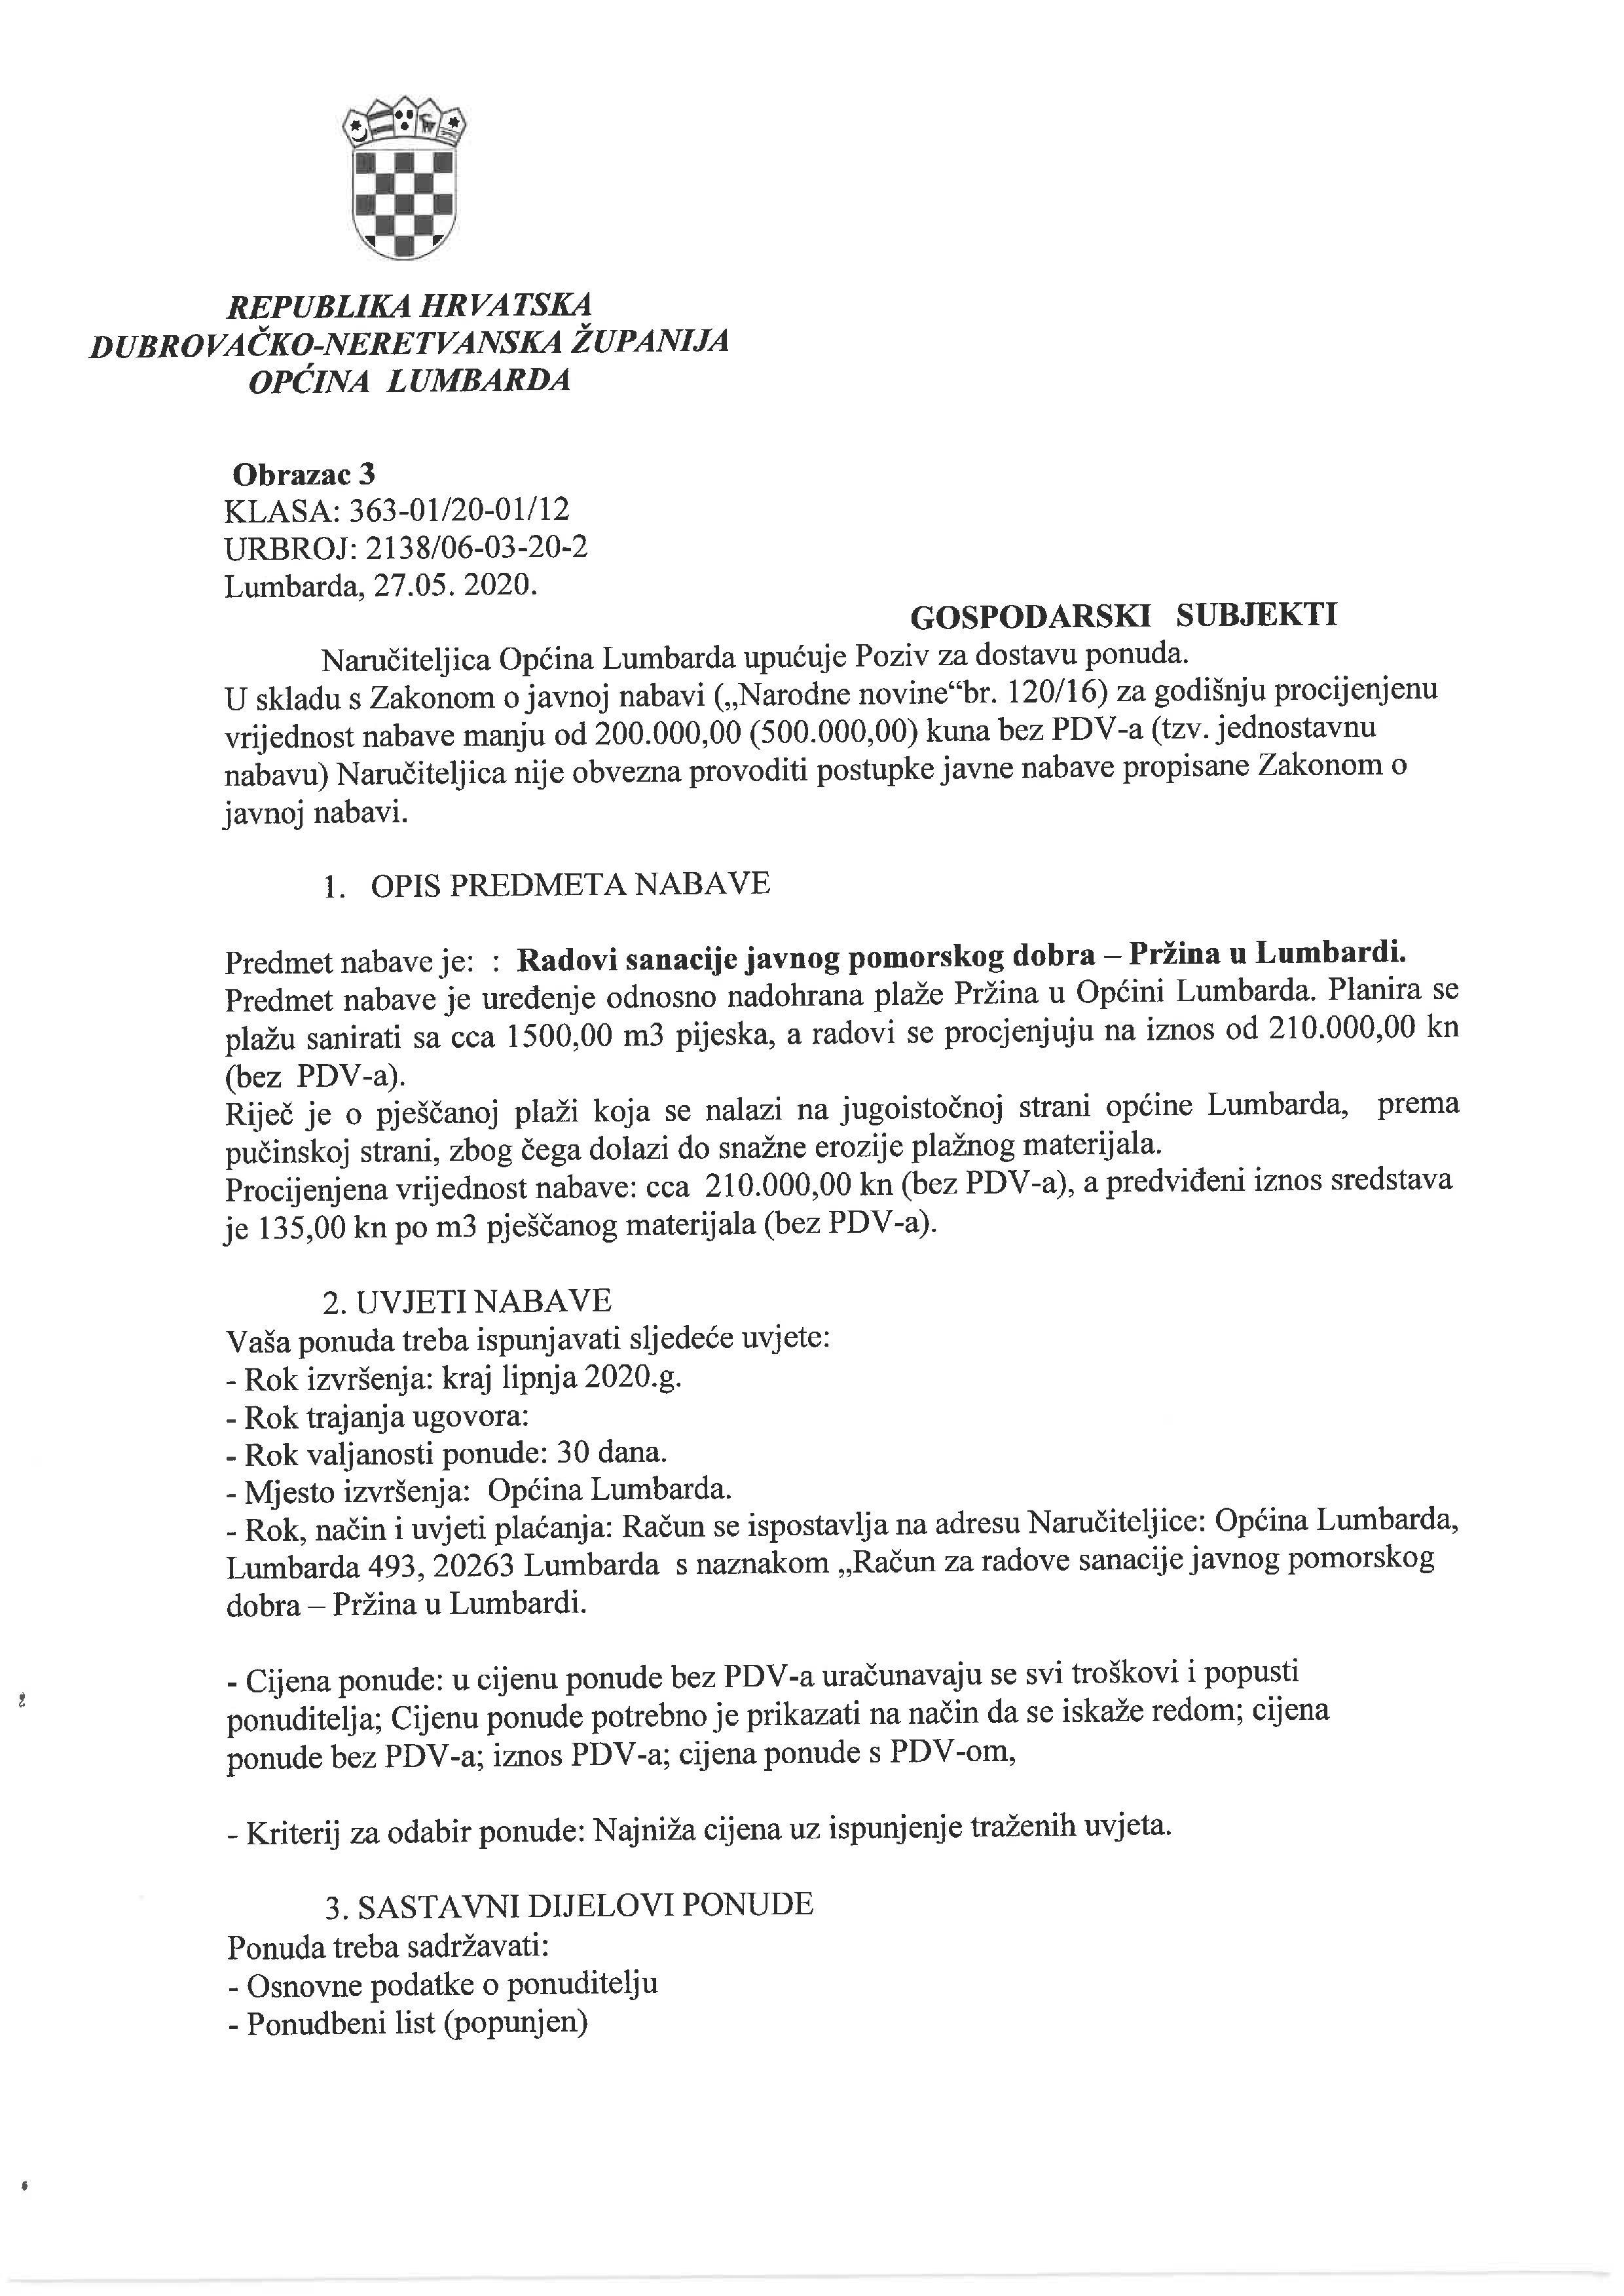 SKM_C250i20052712200 (1)-page-001